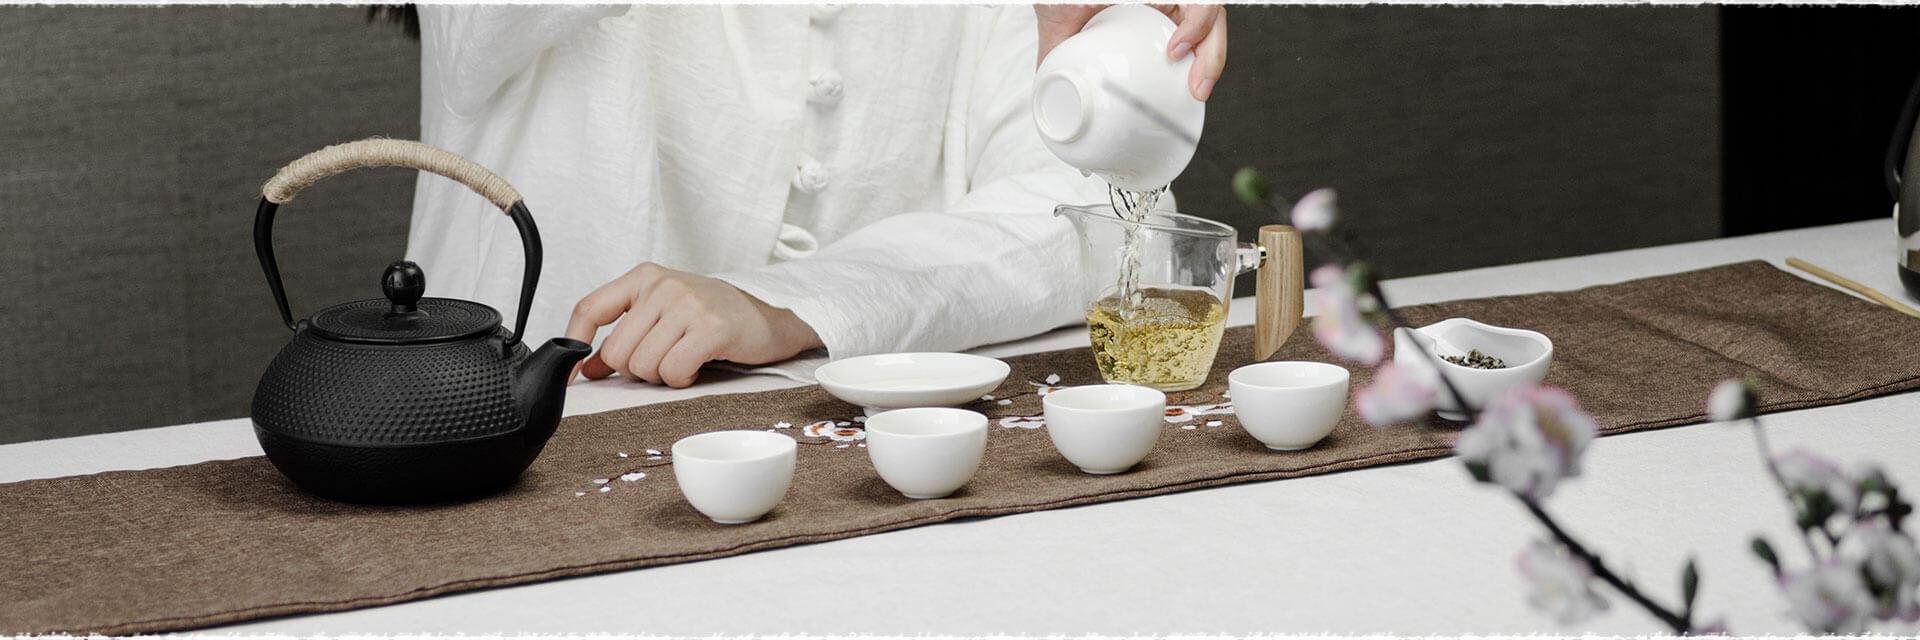 Three Keys of Brewing A Good Cup of Tea I: Tea's Quantity